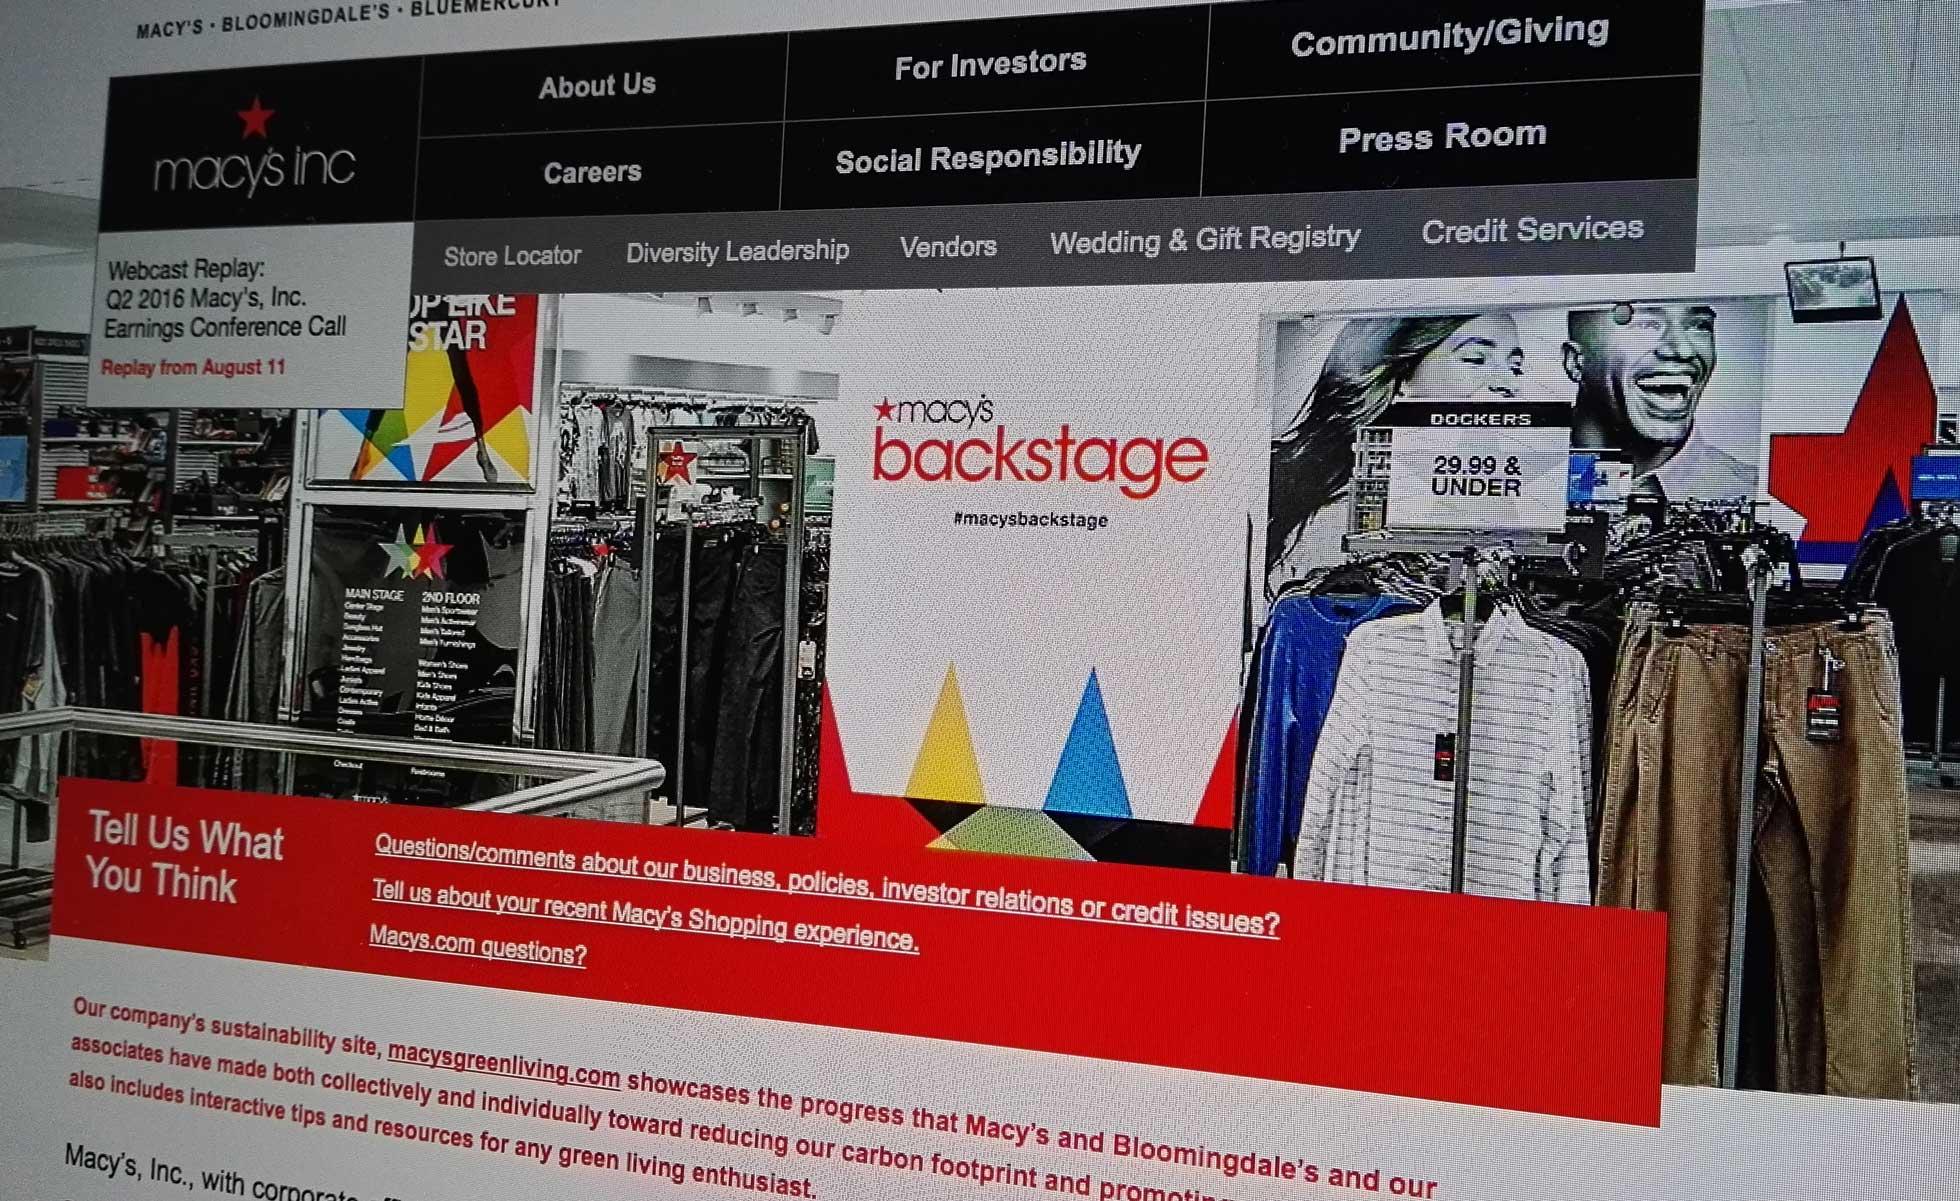 11174552Macys Inc Cierre Tiendas - Macy's anunció el cierre de 11 tiendas y el despido de 5 mil empleados